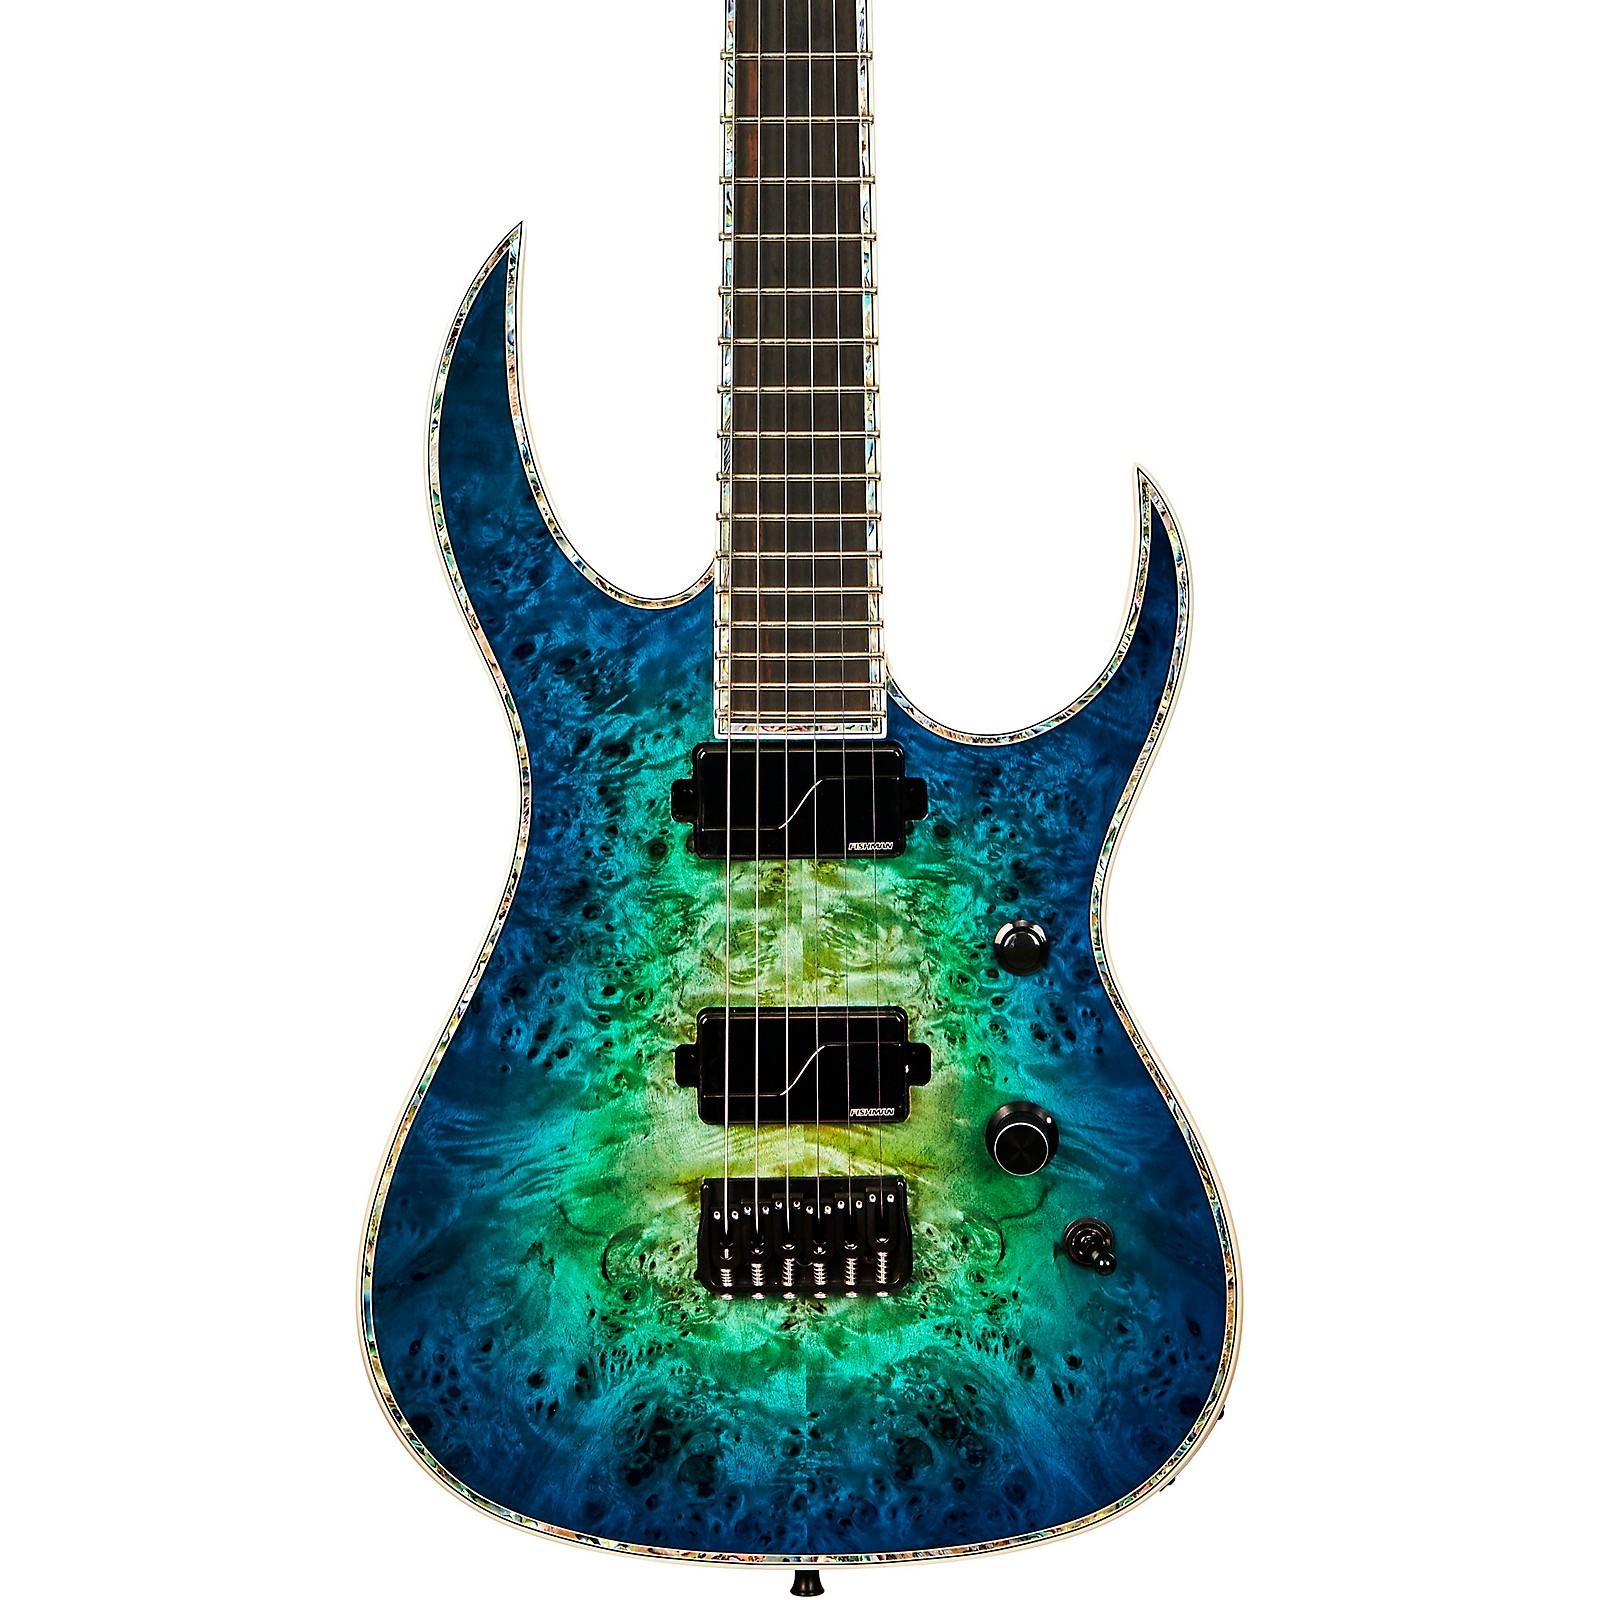 B.C. Rich Shredzilla Extreme Electric Guitar